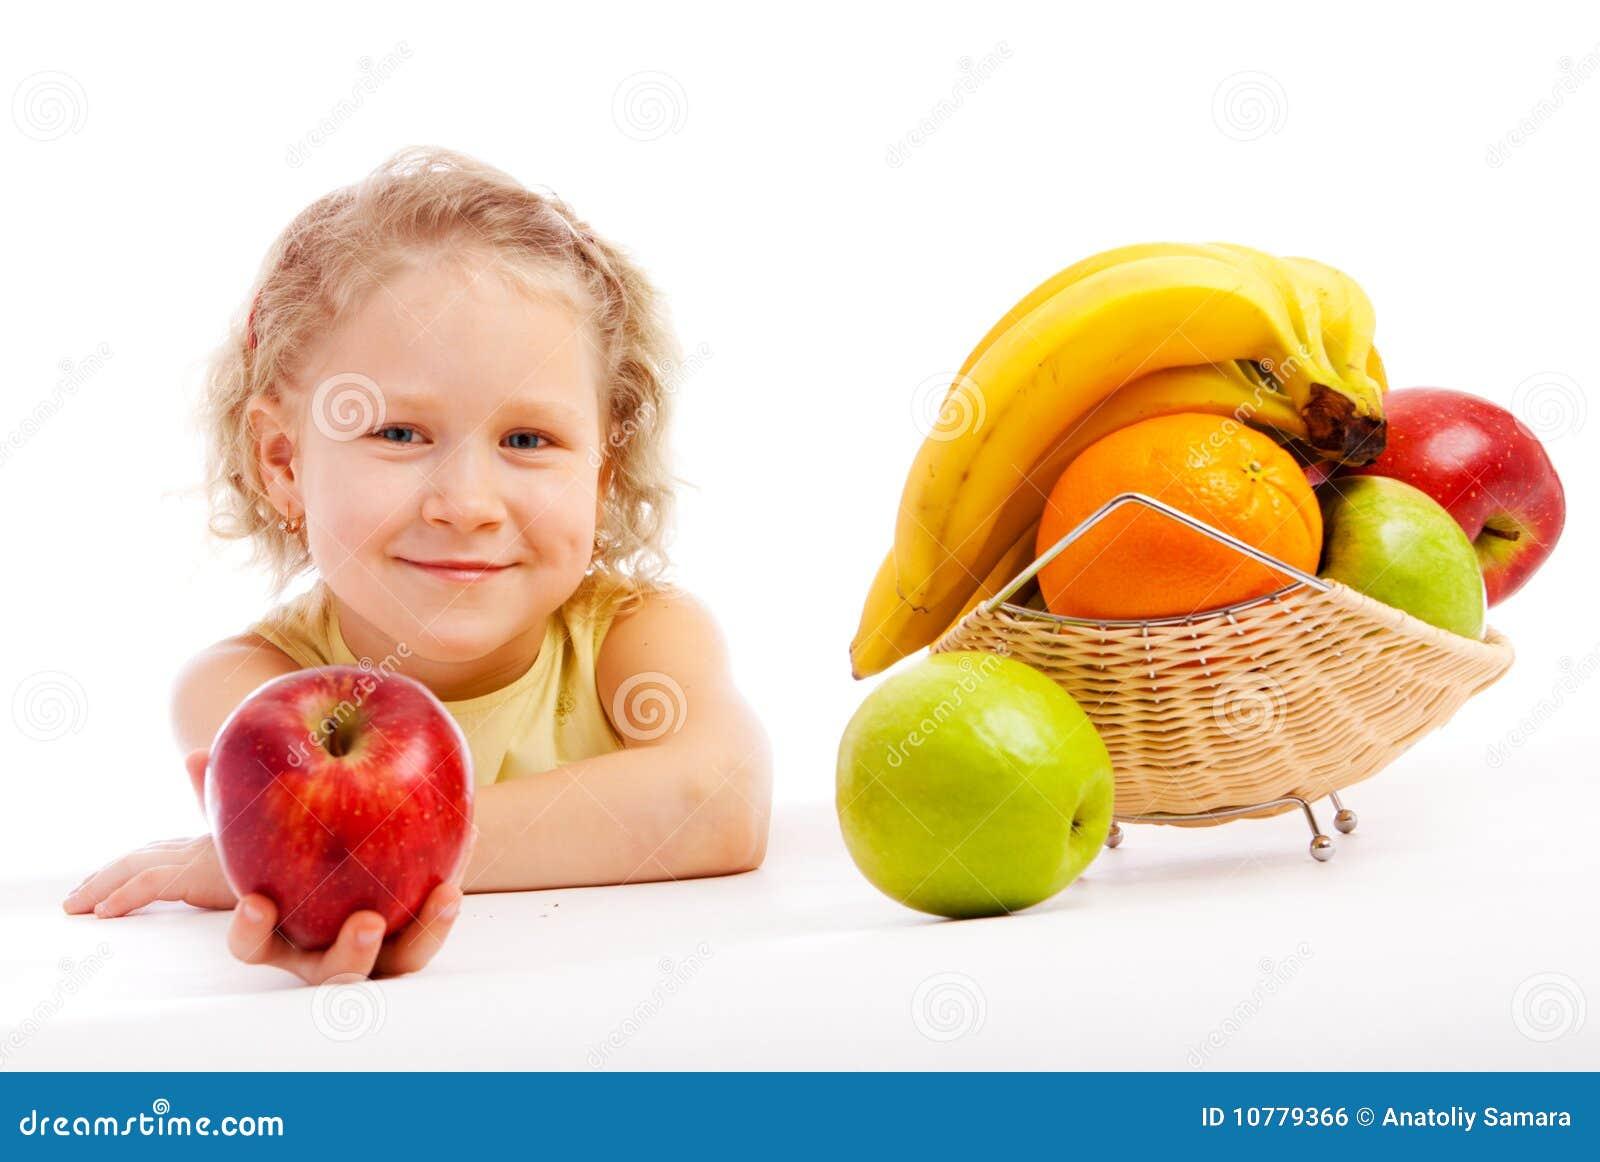 Rijpe appel